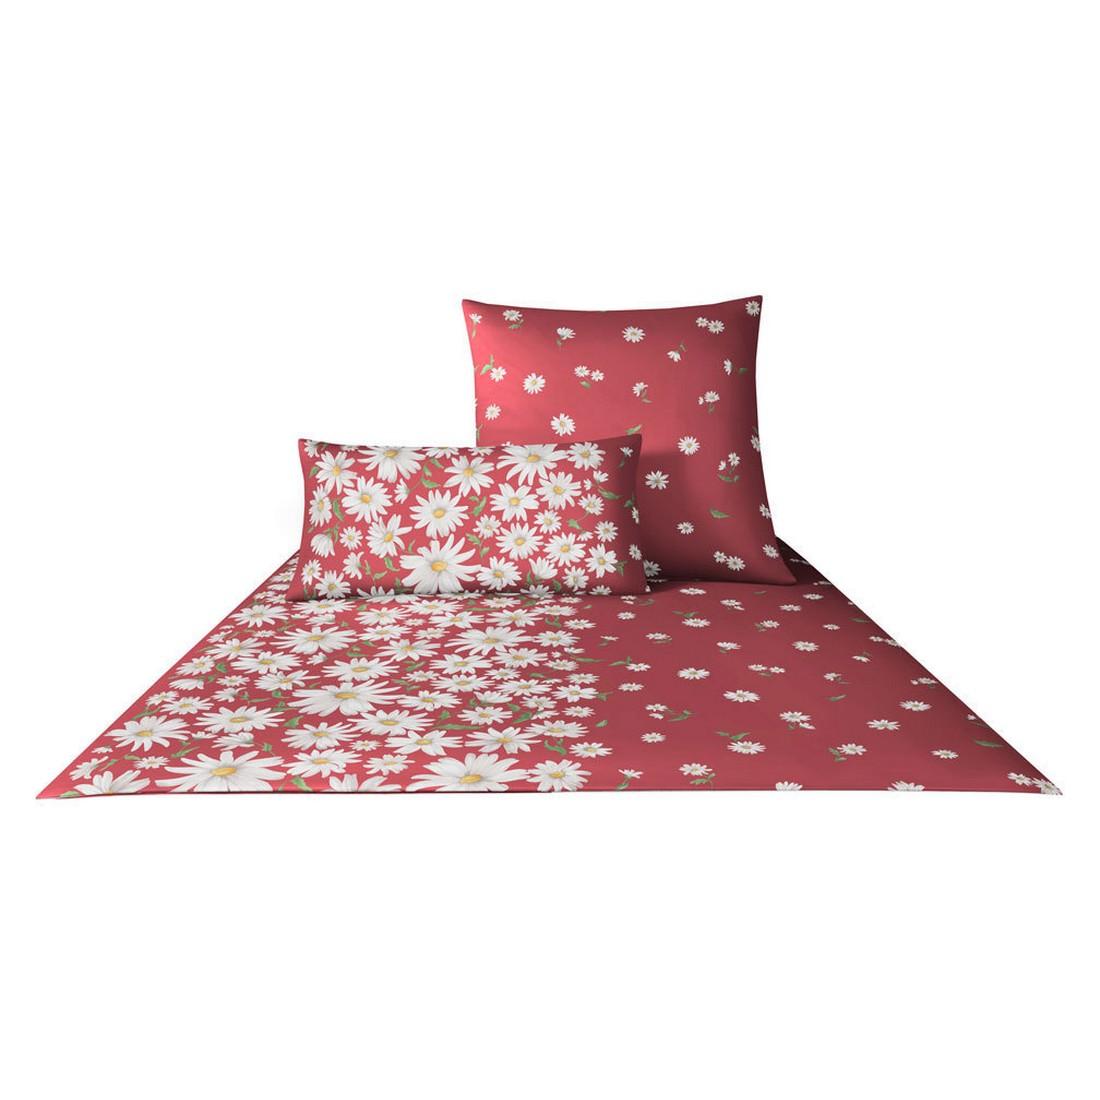 Bettwäsche Margaritha – Baumwolle/Jersey – Rot – 135×200 cm + 80×80 cm, elegante jetzt kaufen